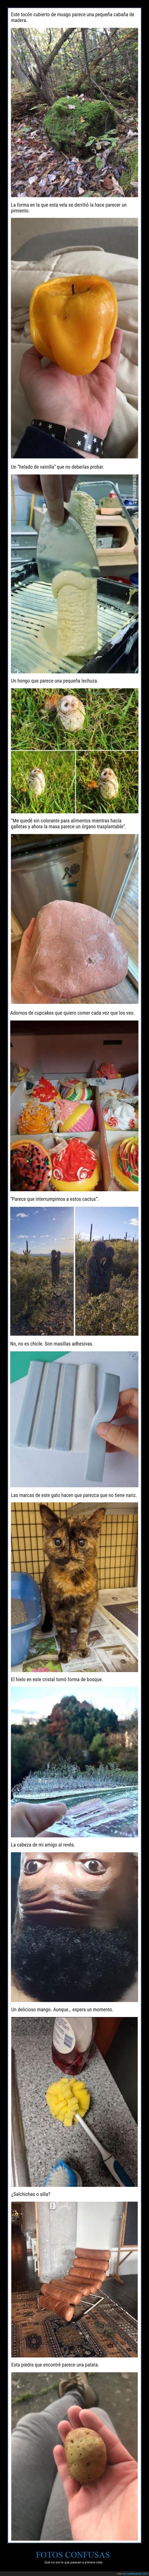 fotos confusas,mindfuck,wtf